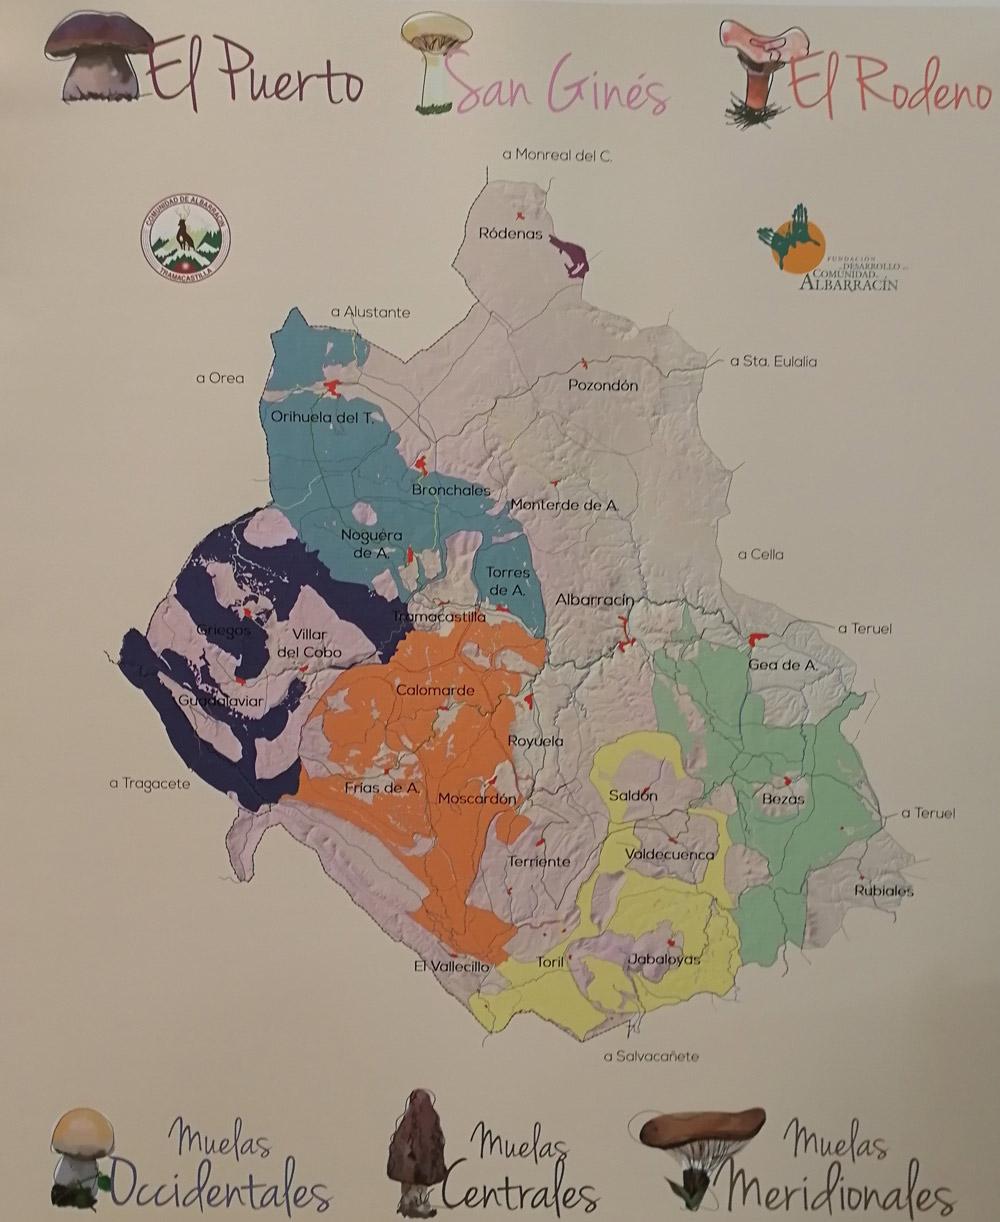 Mapa de las seis zonas diferenciadas por el tipo de seta, clima y terreno